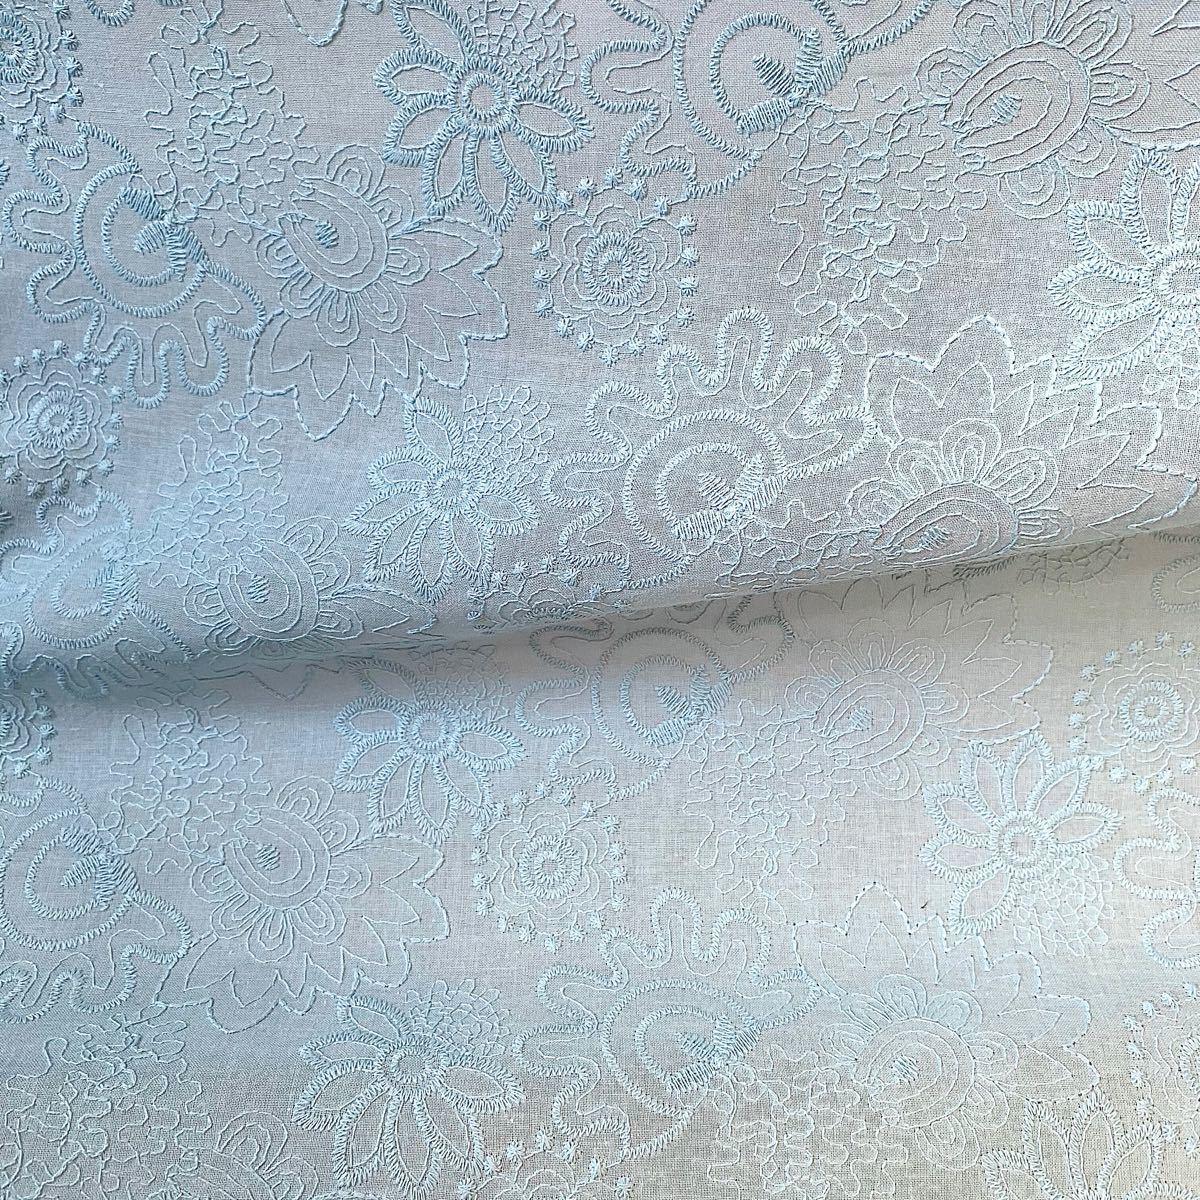 コットンレース 綿 刺繍生地 はぎれセット 花柄 ハンドメイド 布 ハギレ